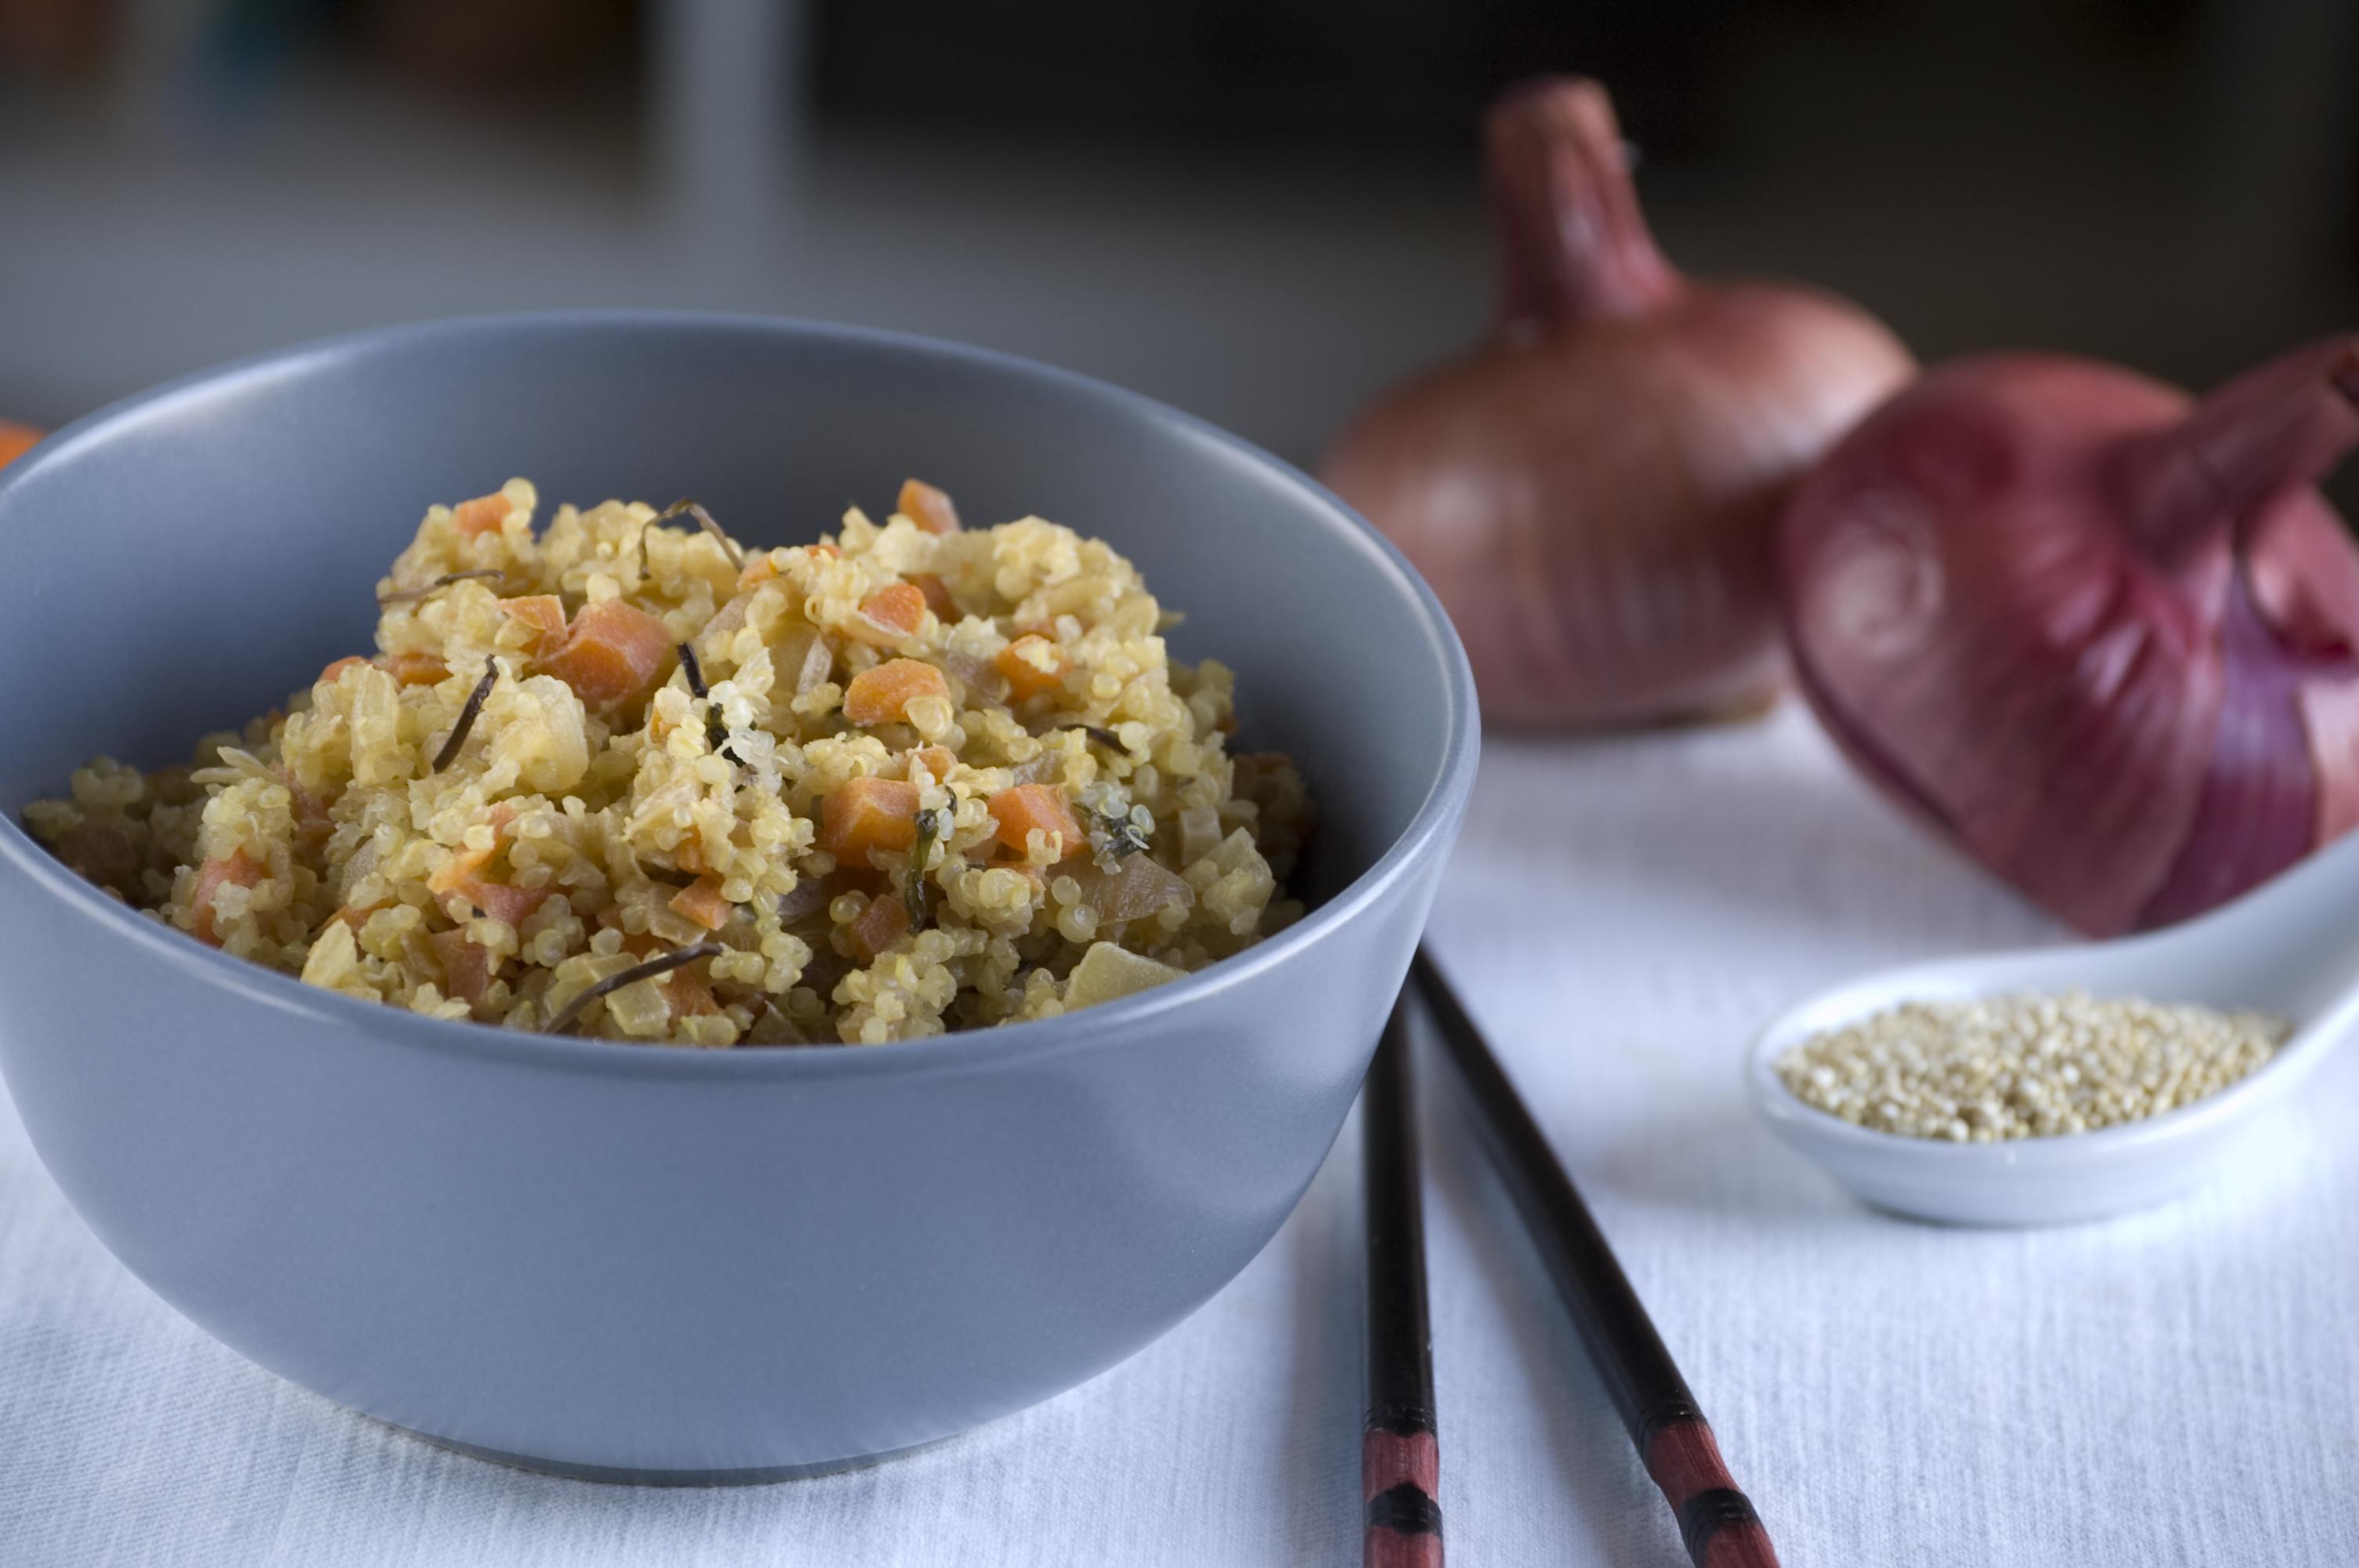 La buena fama que persigue a la quinoa juega en contra de nuestro bolsillo pero de vez en cuando merece la pena...